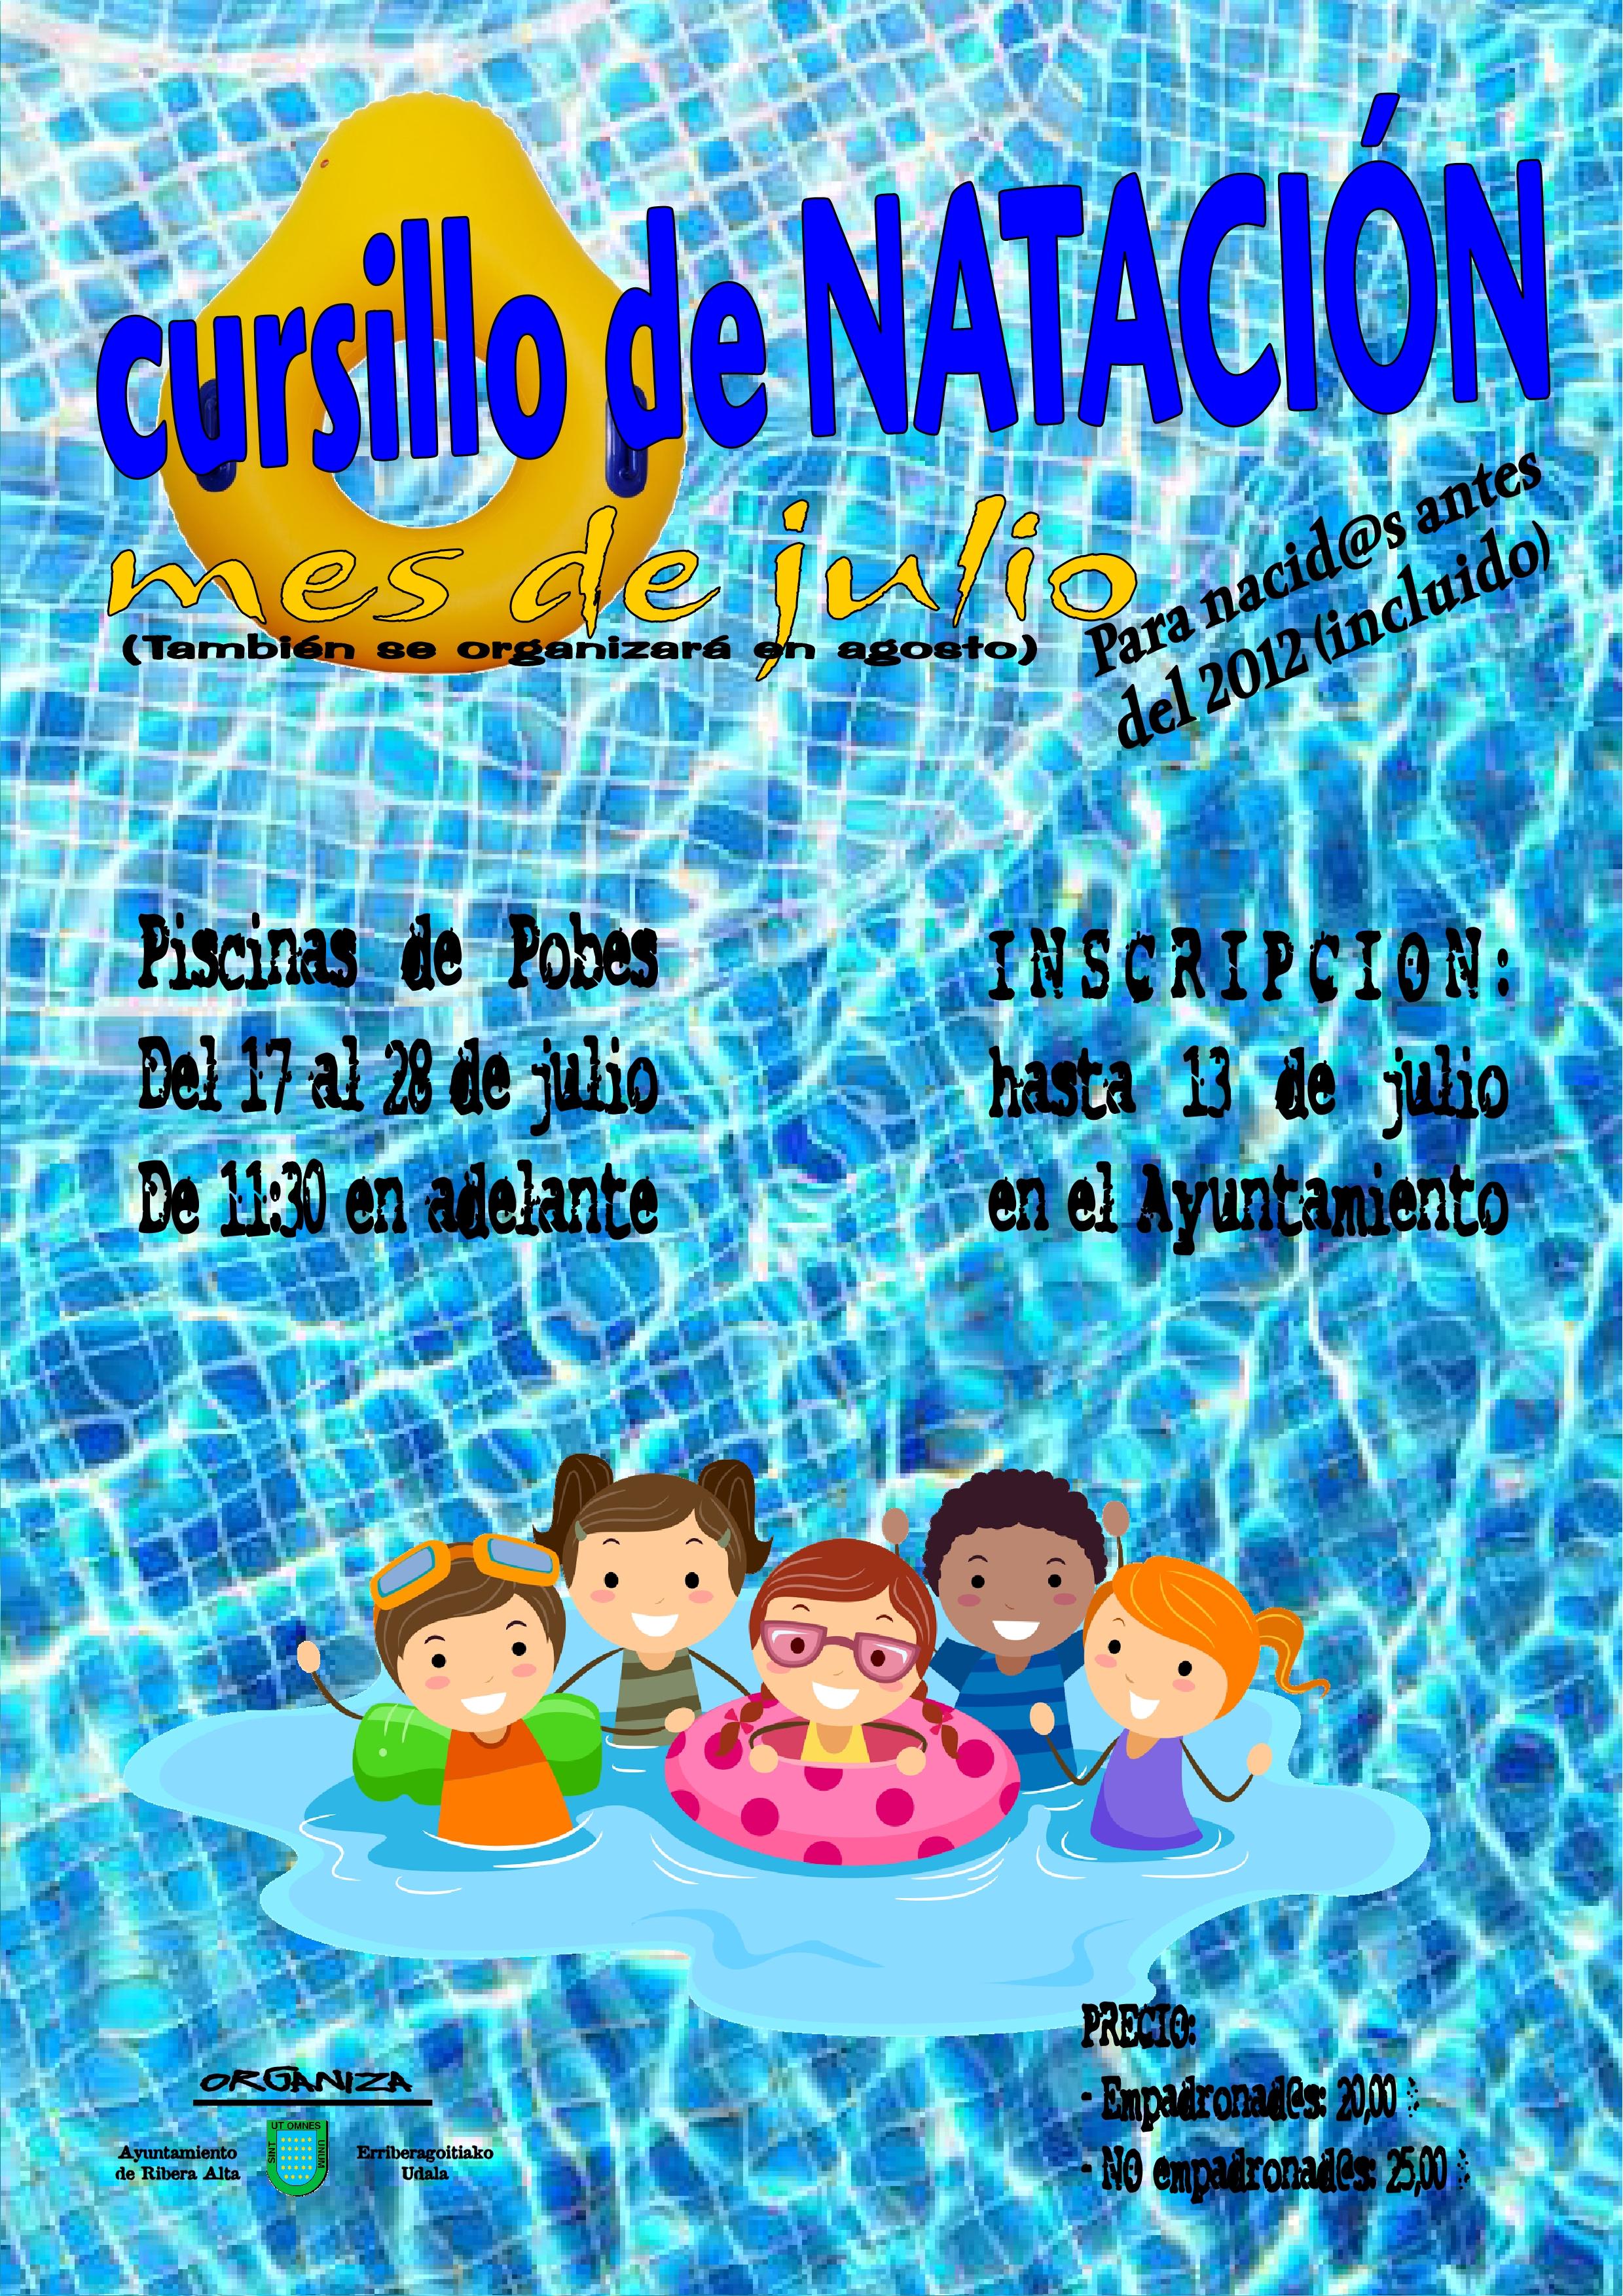 Cursillo de natación en las piscinas de Pobes, del 17 al 28 de julio 2017, inscribete